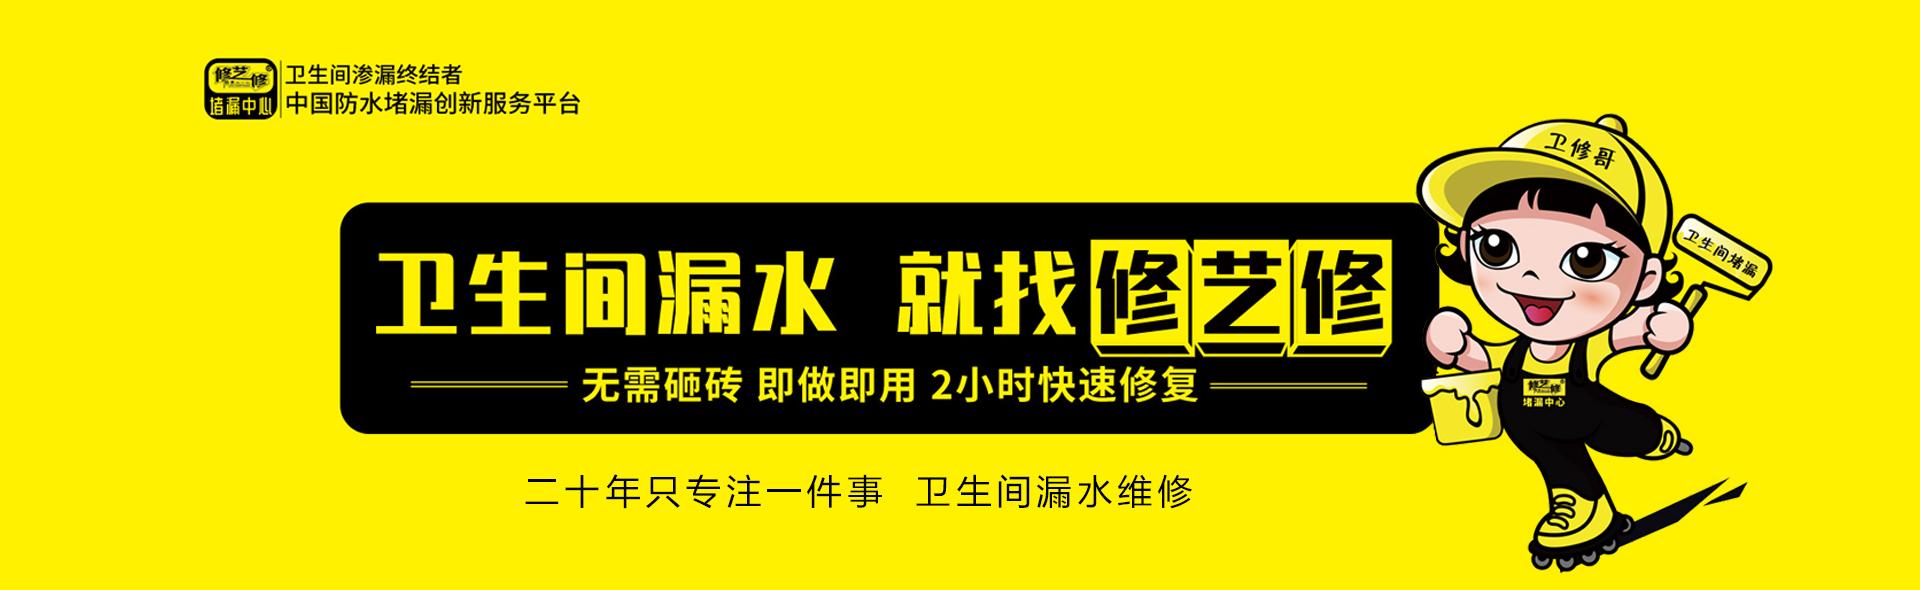 济南市天桥区修艺修防水服务部